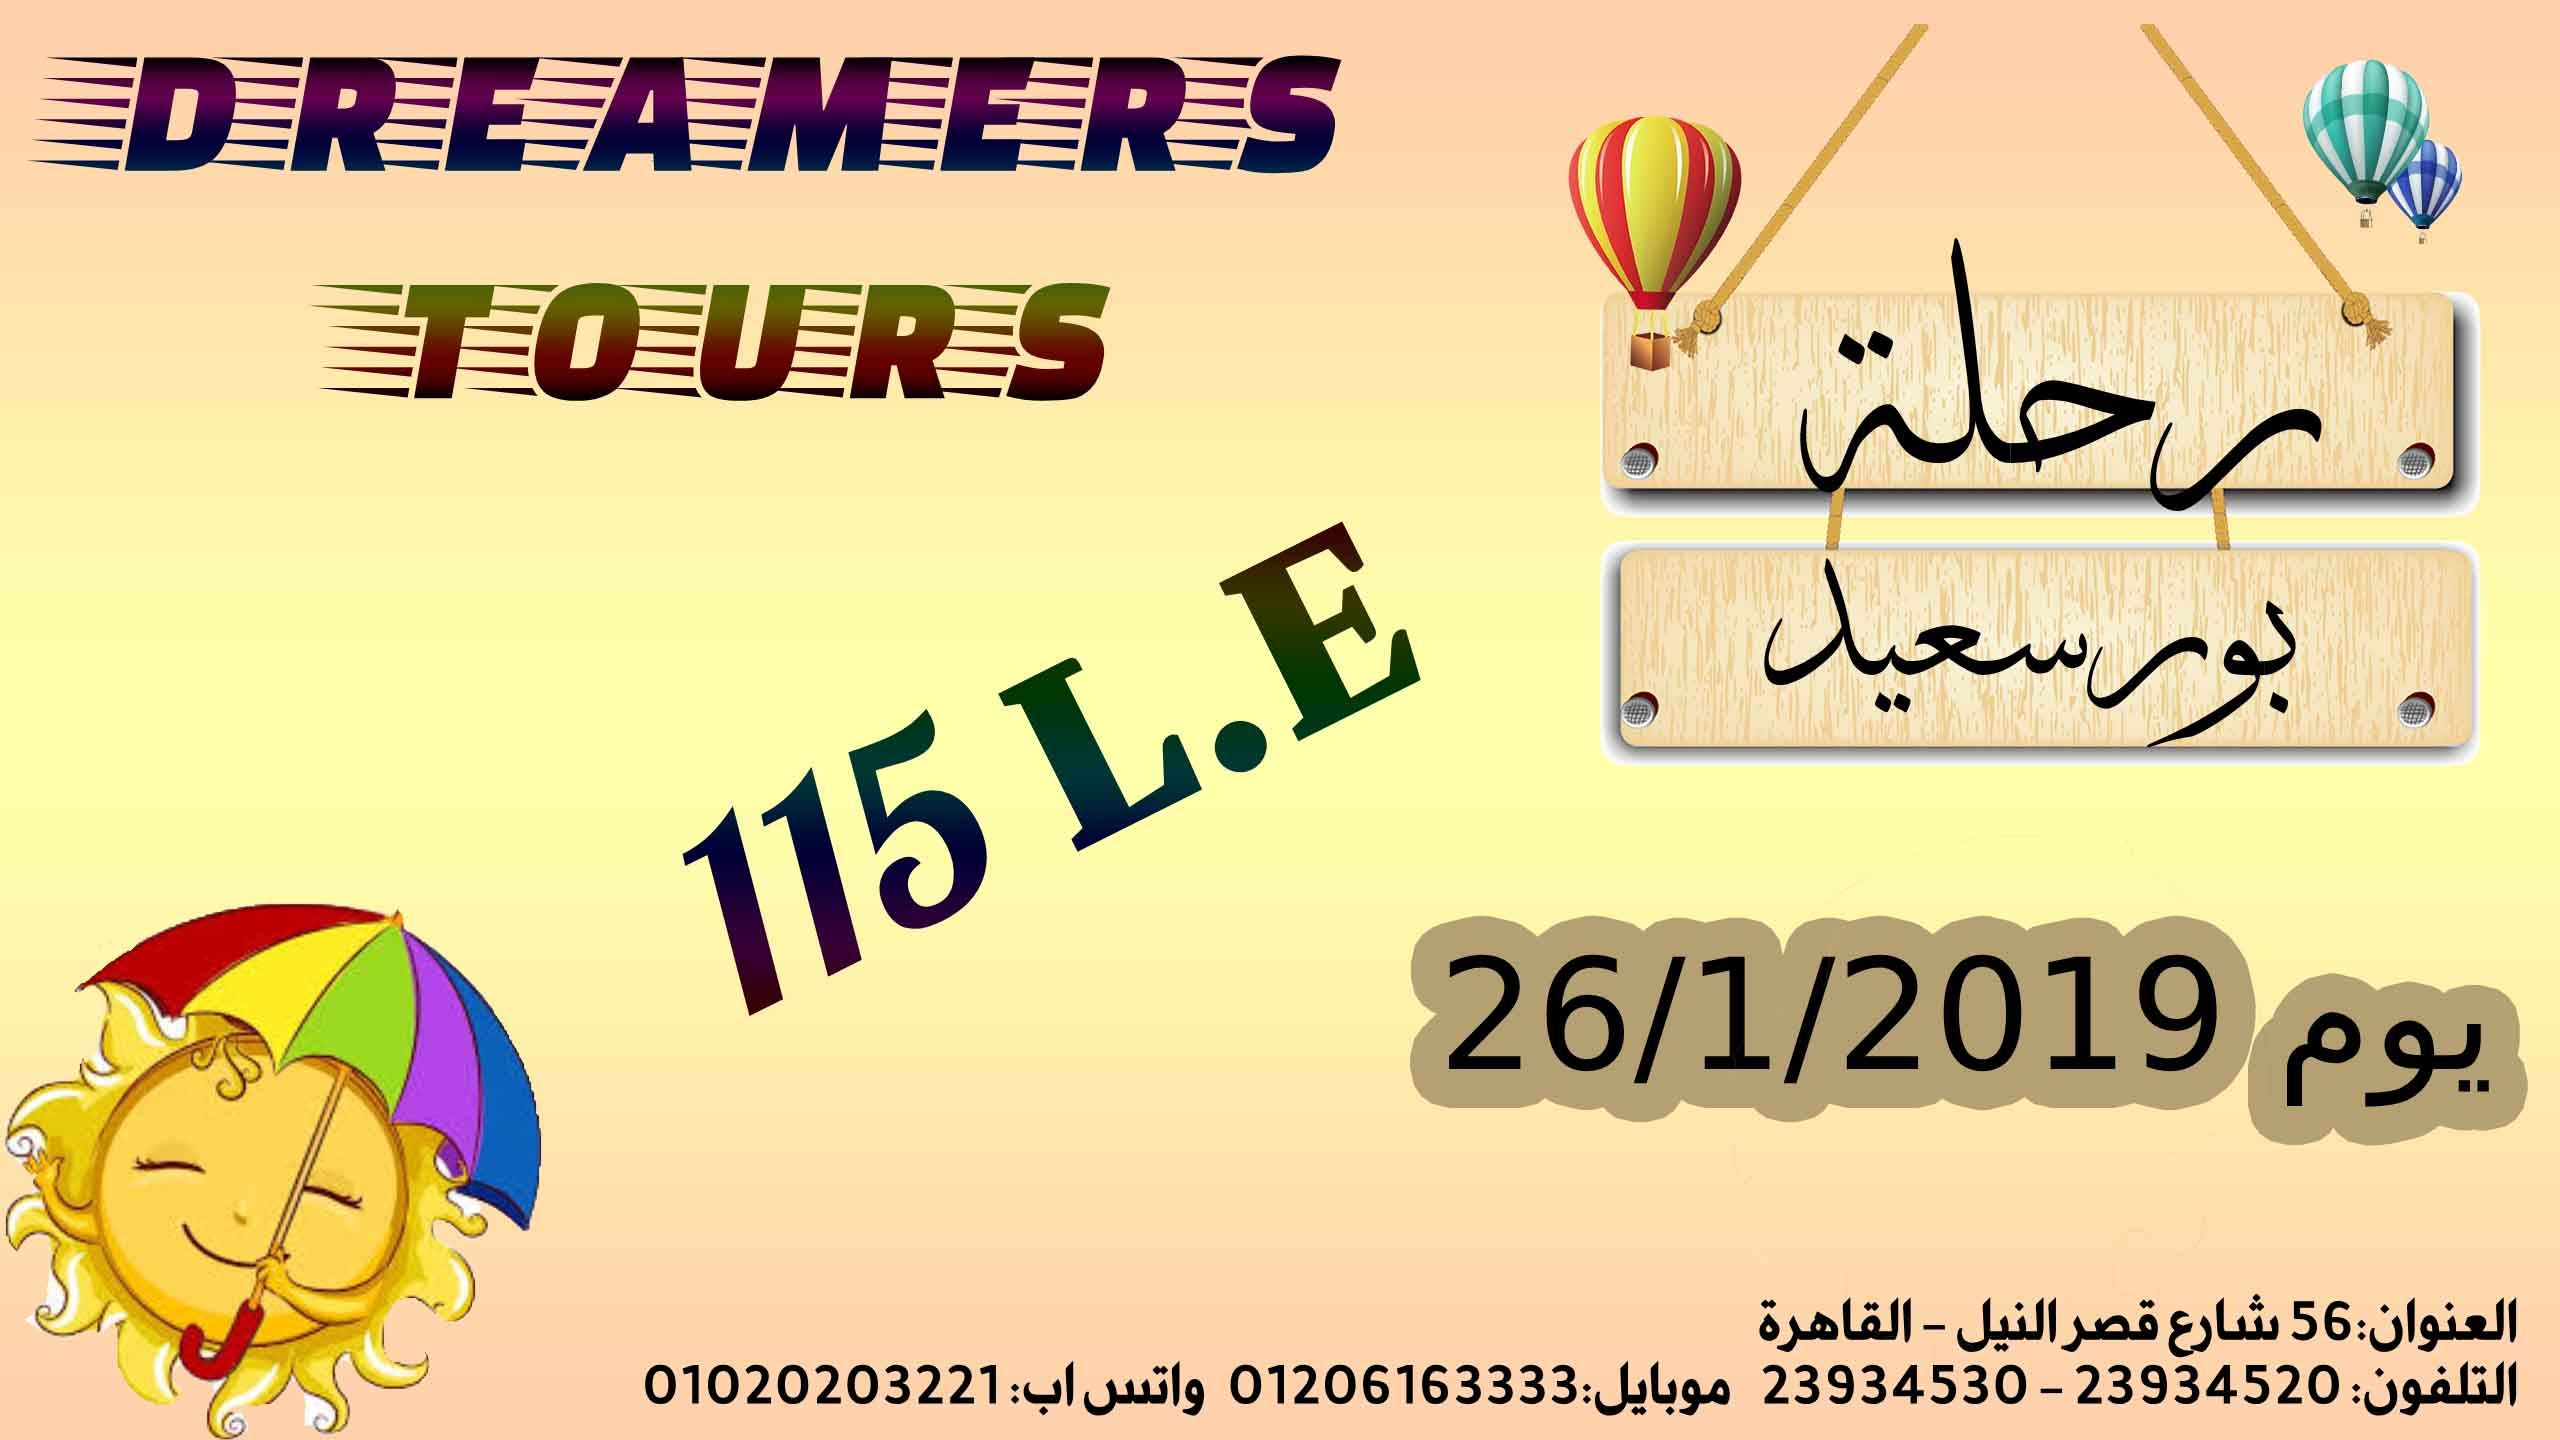 شركة دريمرز فرع القاهرة بتقدملكم رحلات اجازة نصف العام رحلة بورسعيد الأنتقالات بأتوبيسات مكيفة أتوبيسات مصر للسياحة Tourism Trip Facebook Sign Up